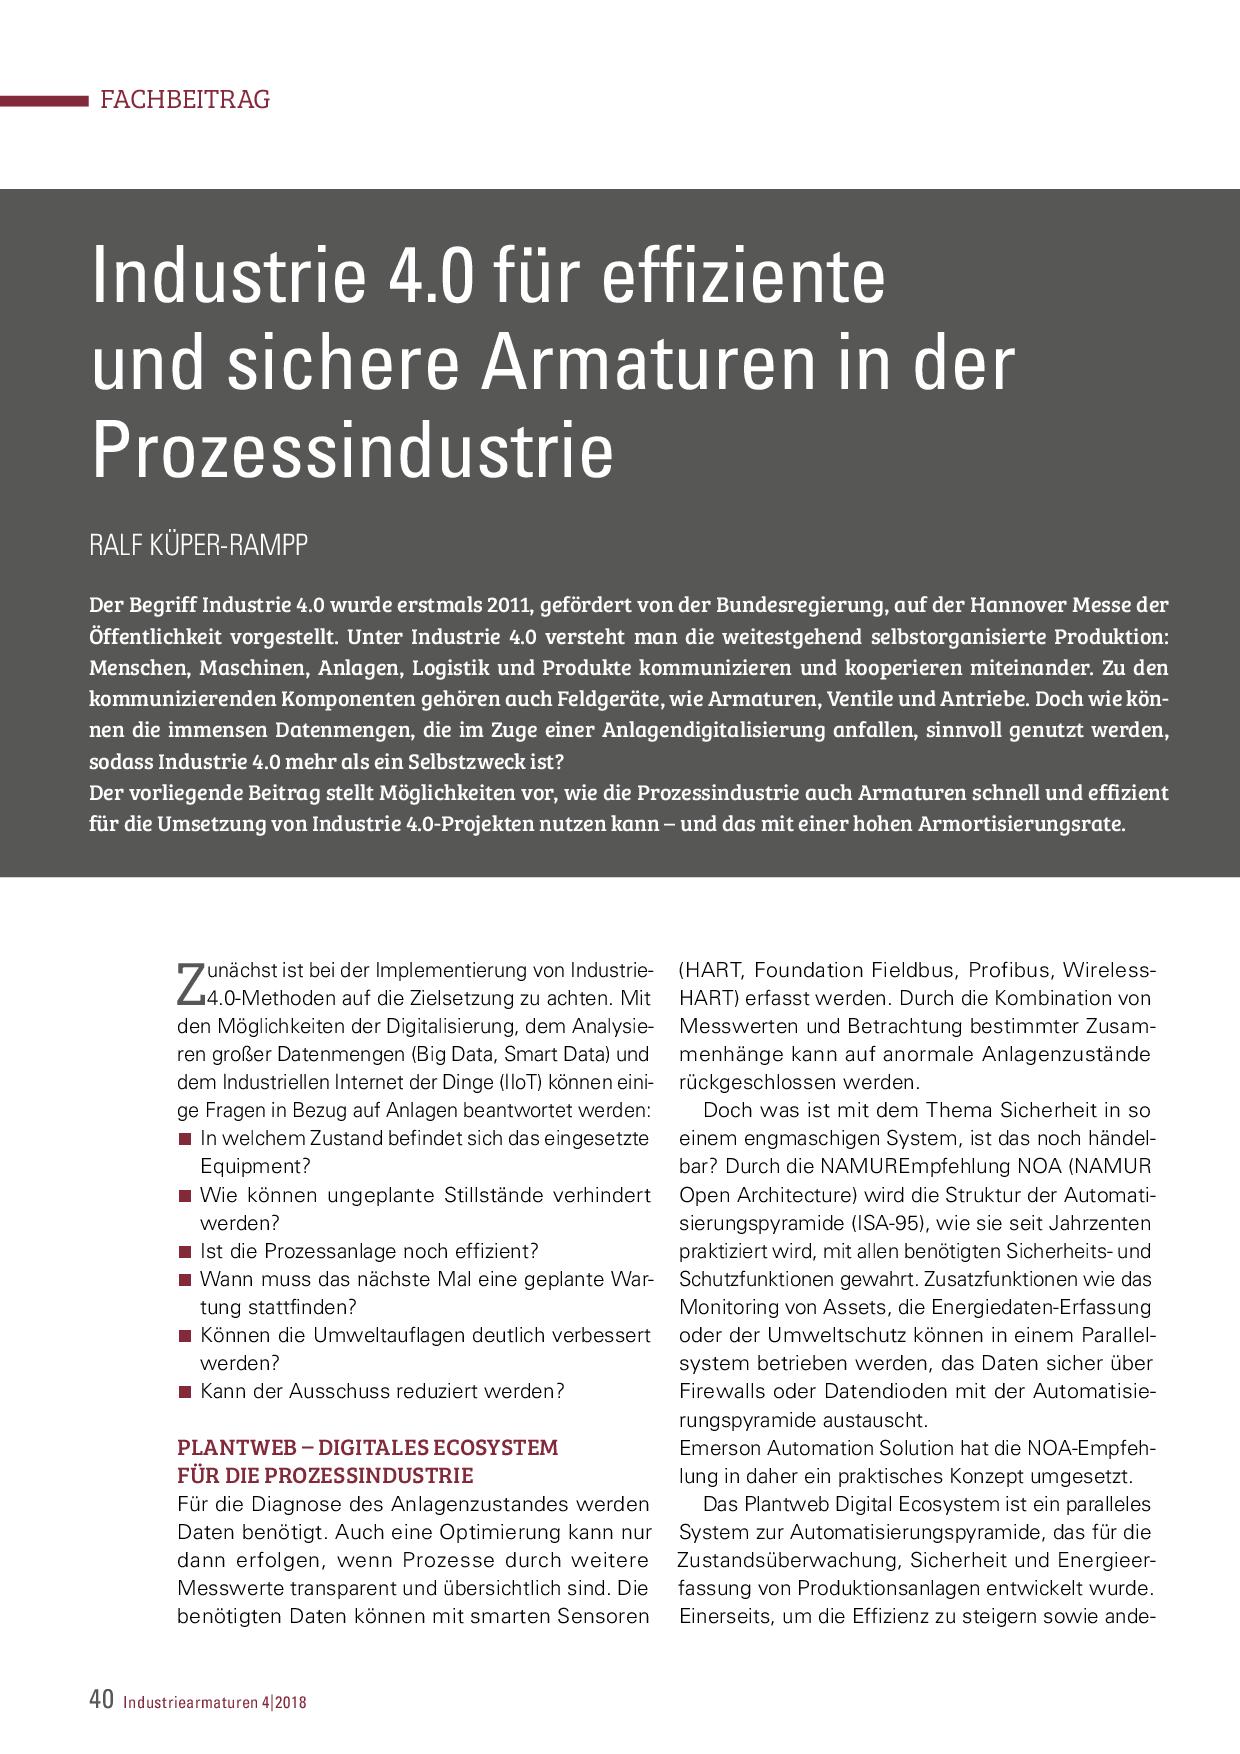 Industrie 4.0 für effiziente und sichere Armaturen in der Prozessindustrie